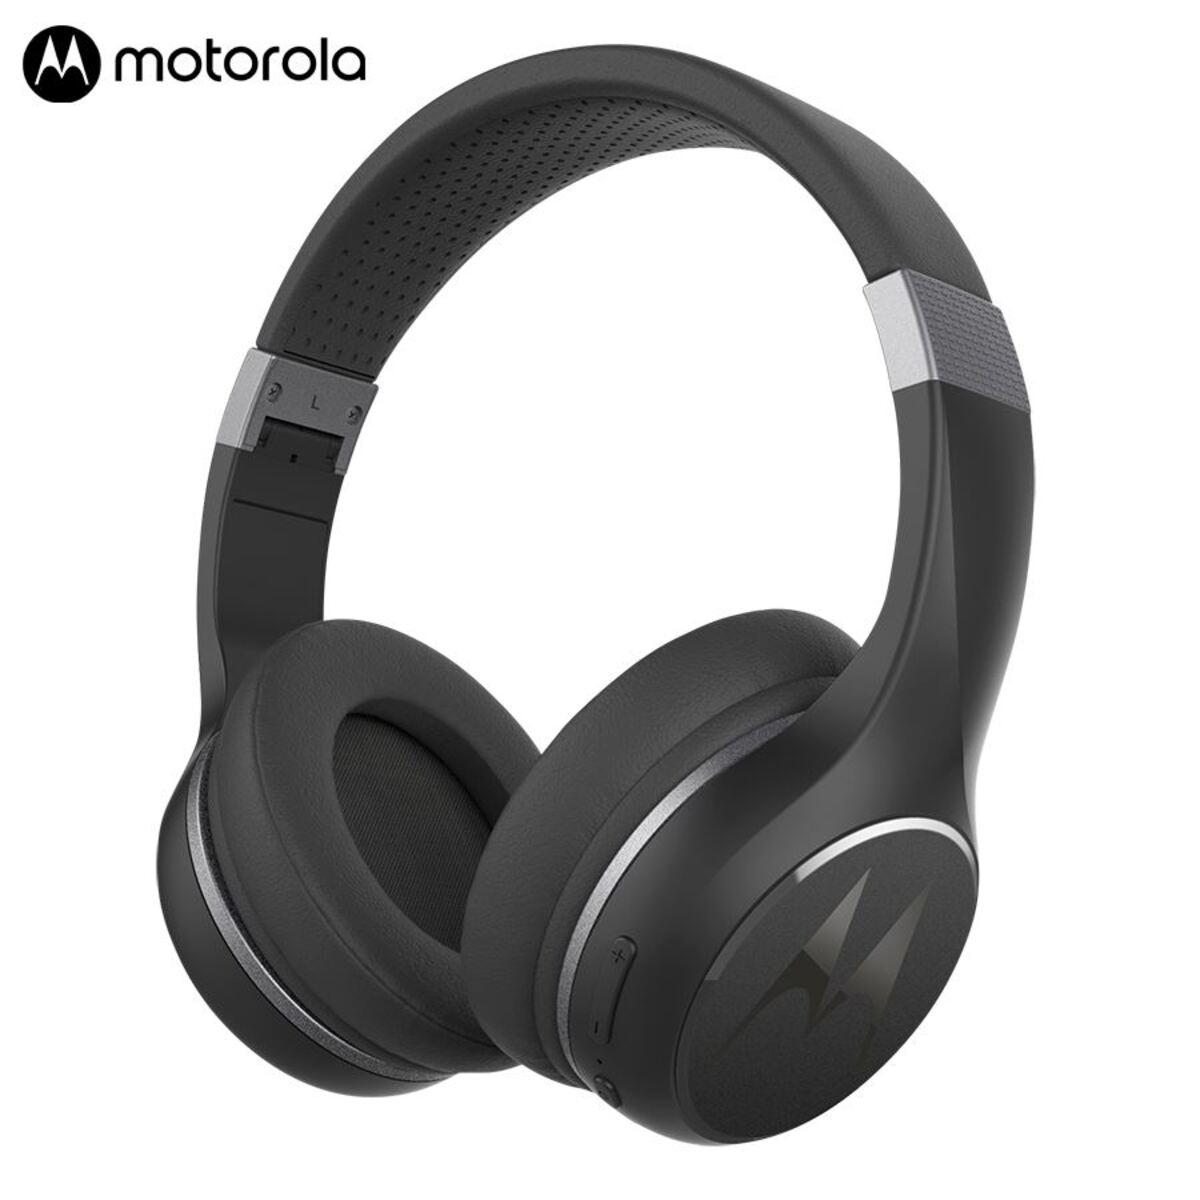 Bild 1 von Motorola Escape 220 Bluetooth-Kopfhörer Schwarz